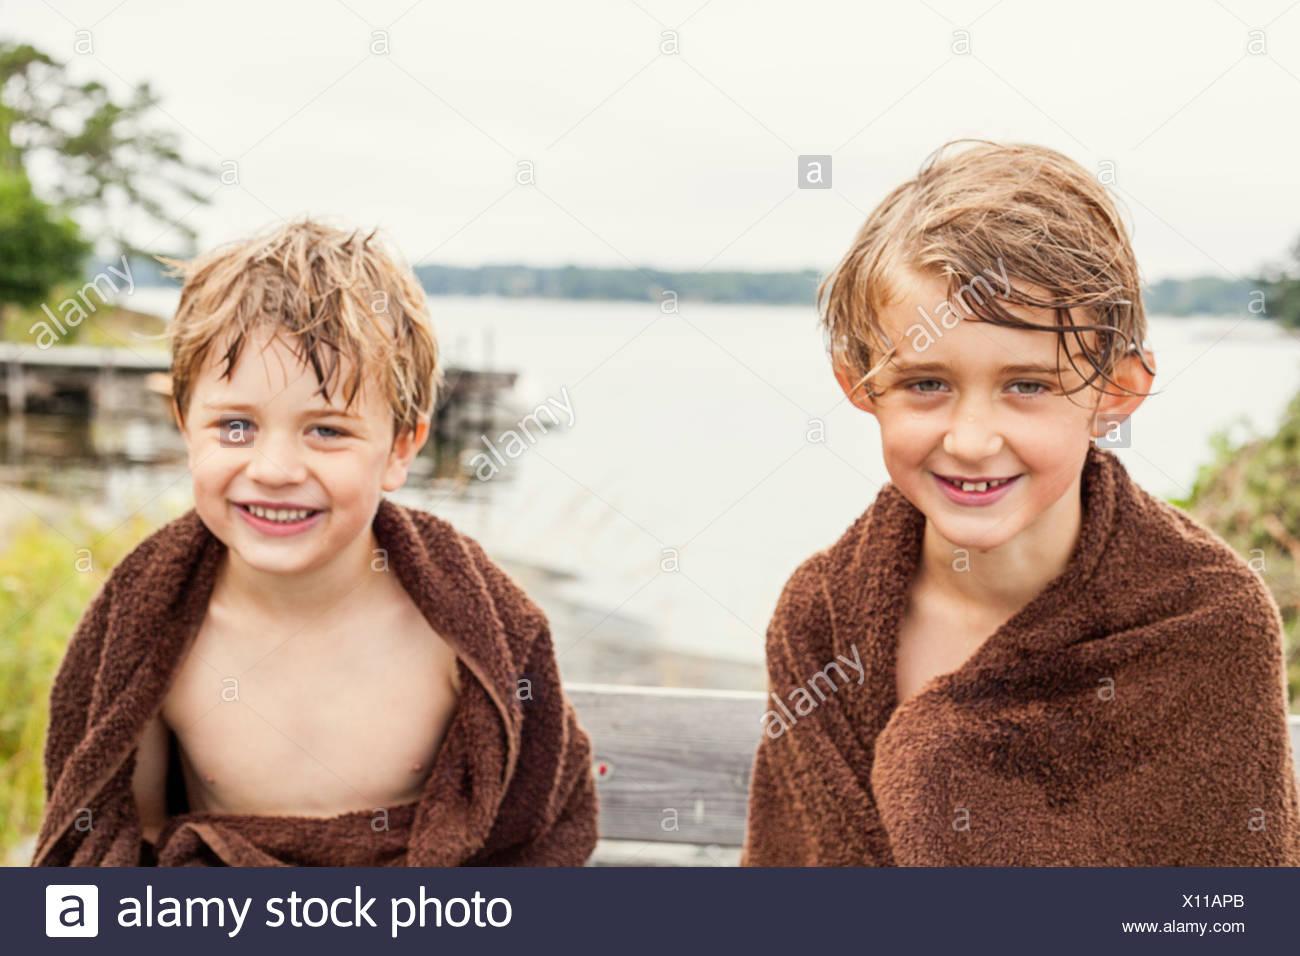 La Suède, l'Uppland, Runmaro Barrskar, Portrait, de deux garçons enveloppé dans des serviettes Photo Stock